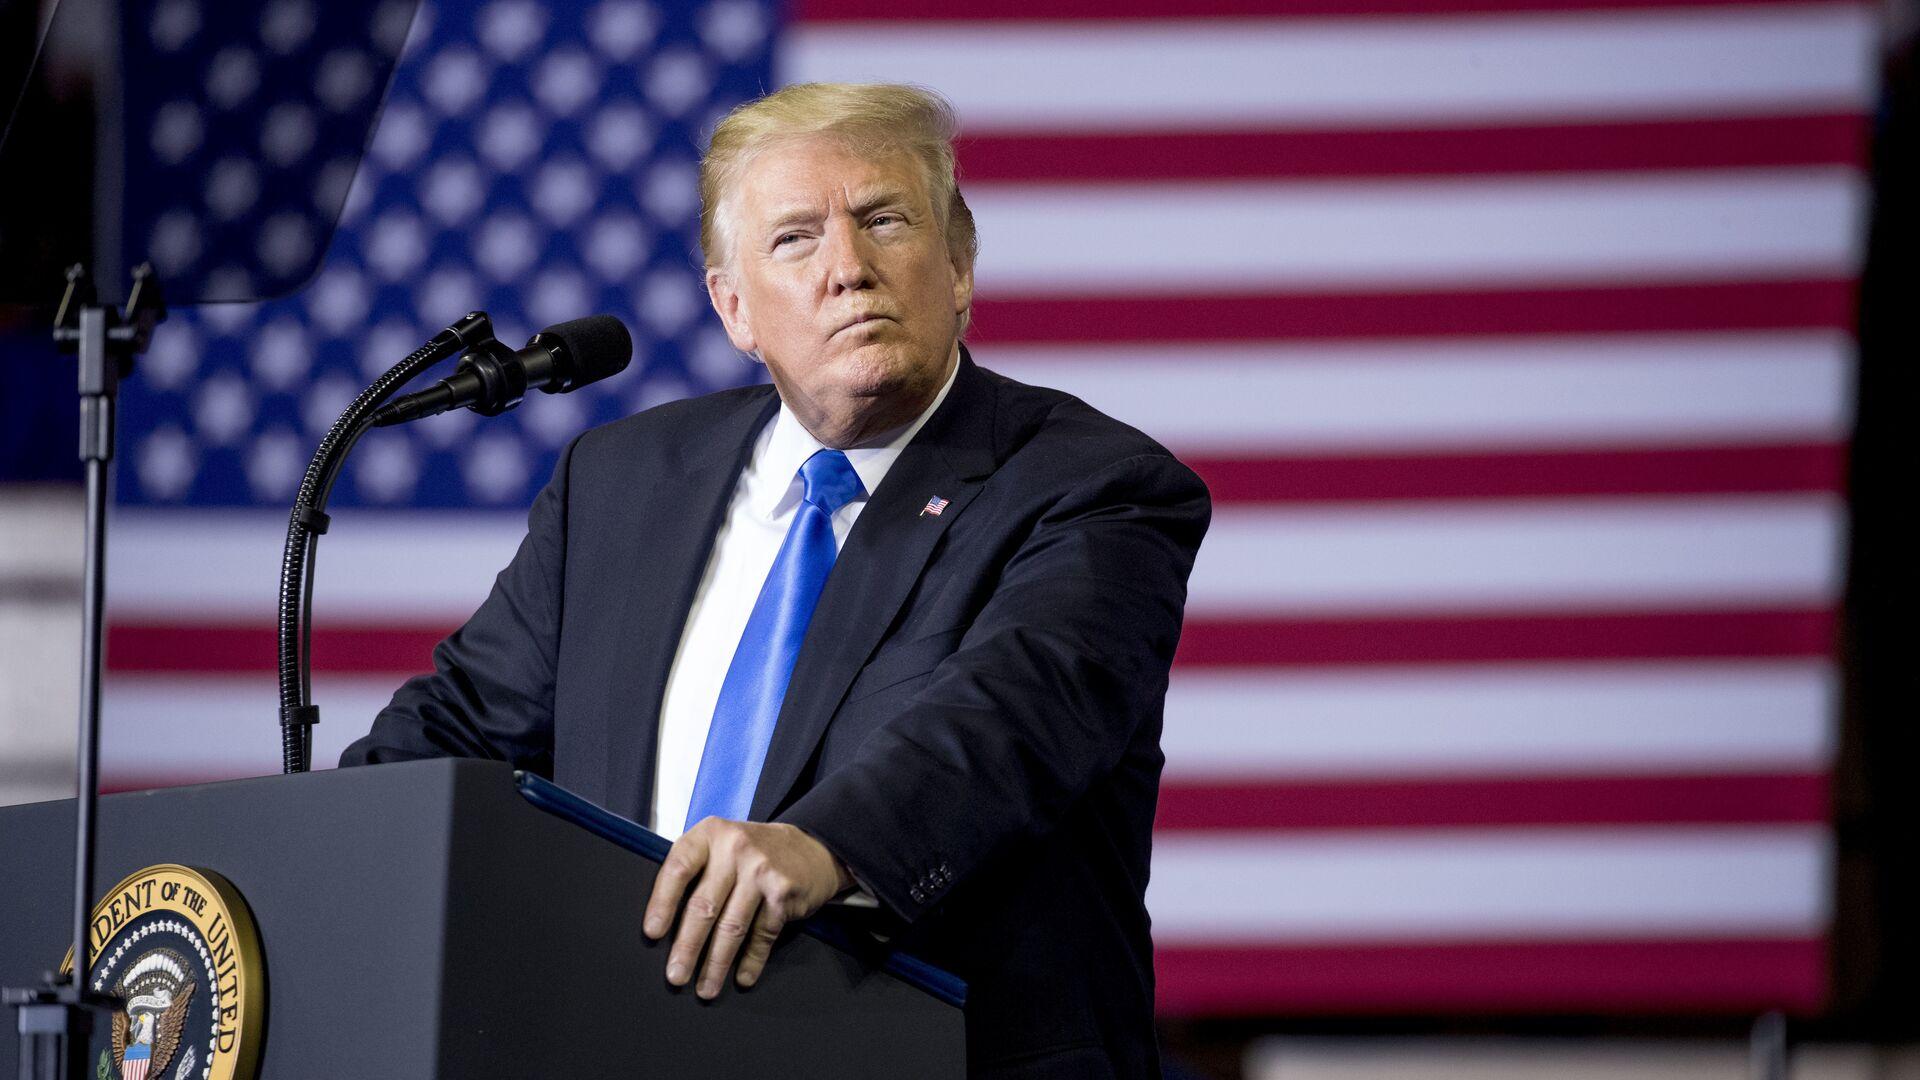 Более половины американцев выступают за отстранение Трампа, показал опрос